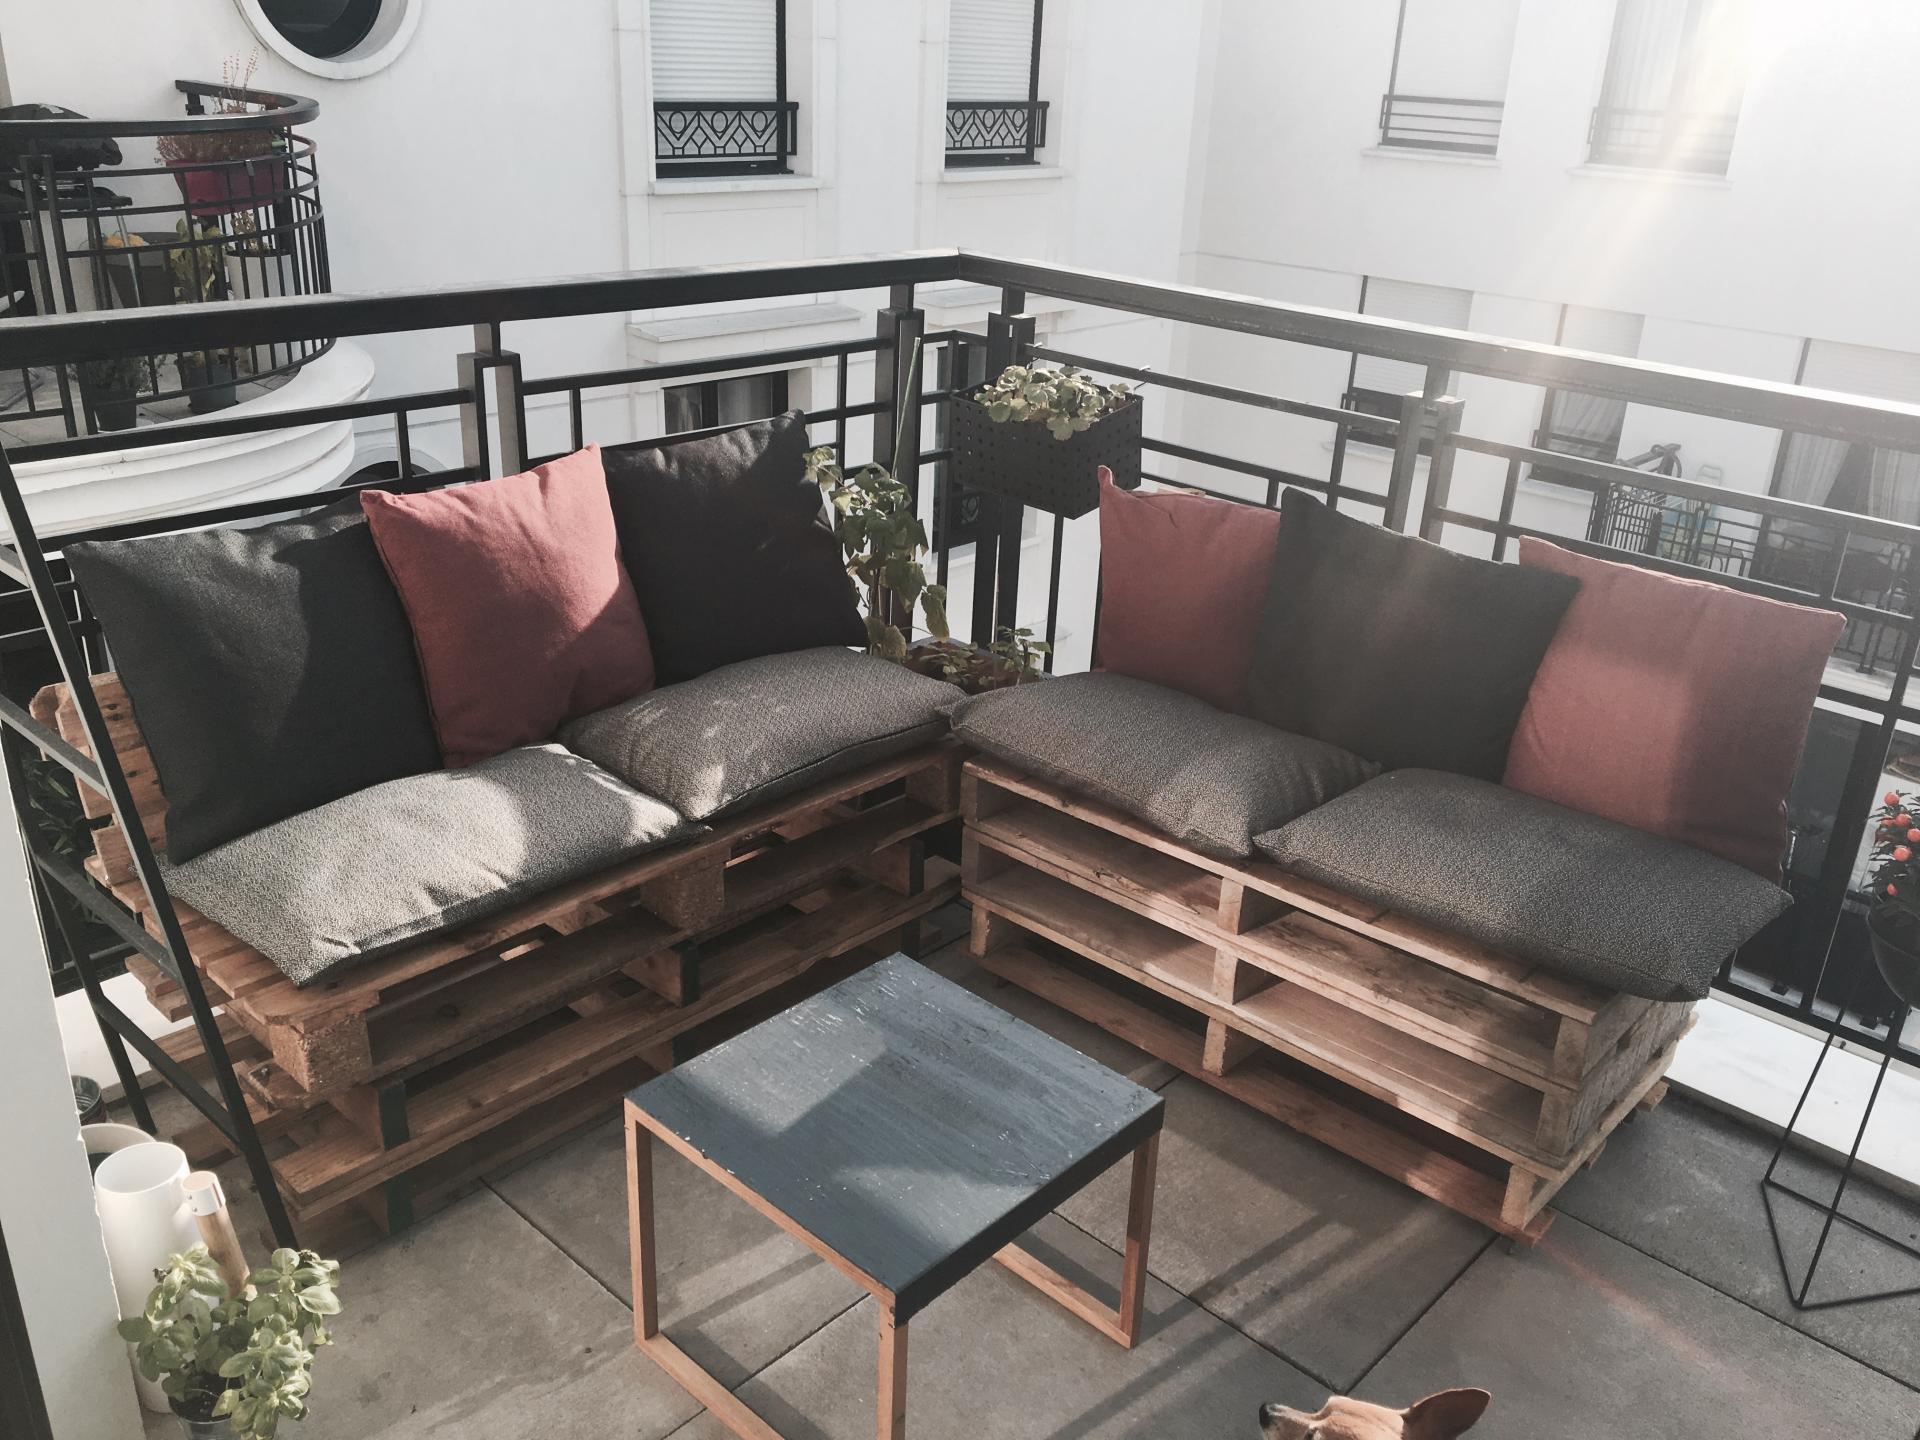 Amenager Une Terrasse concernant idées déco pour aménager une terrasse - sharefashion